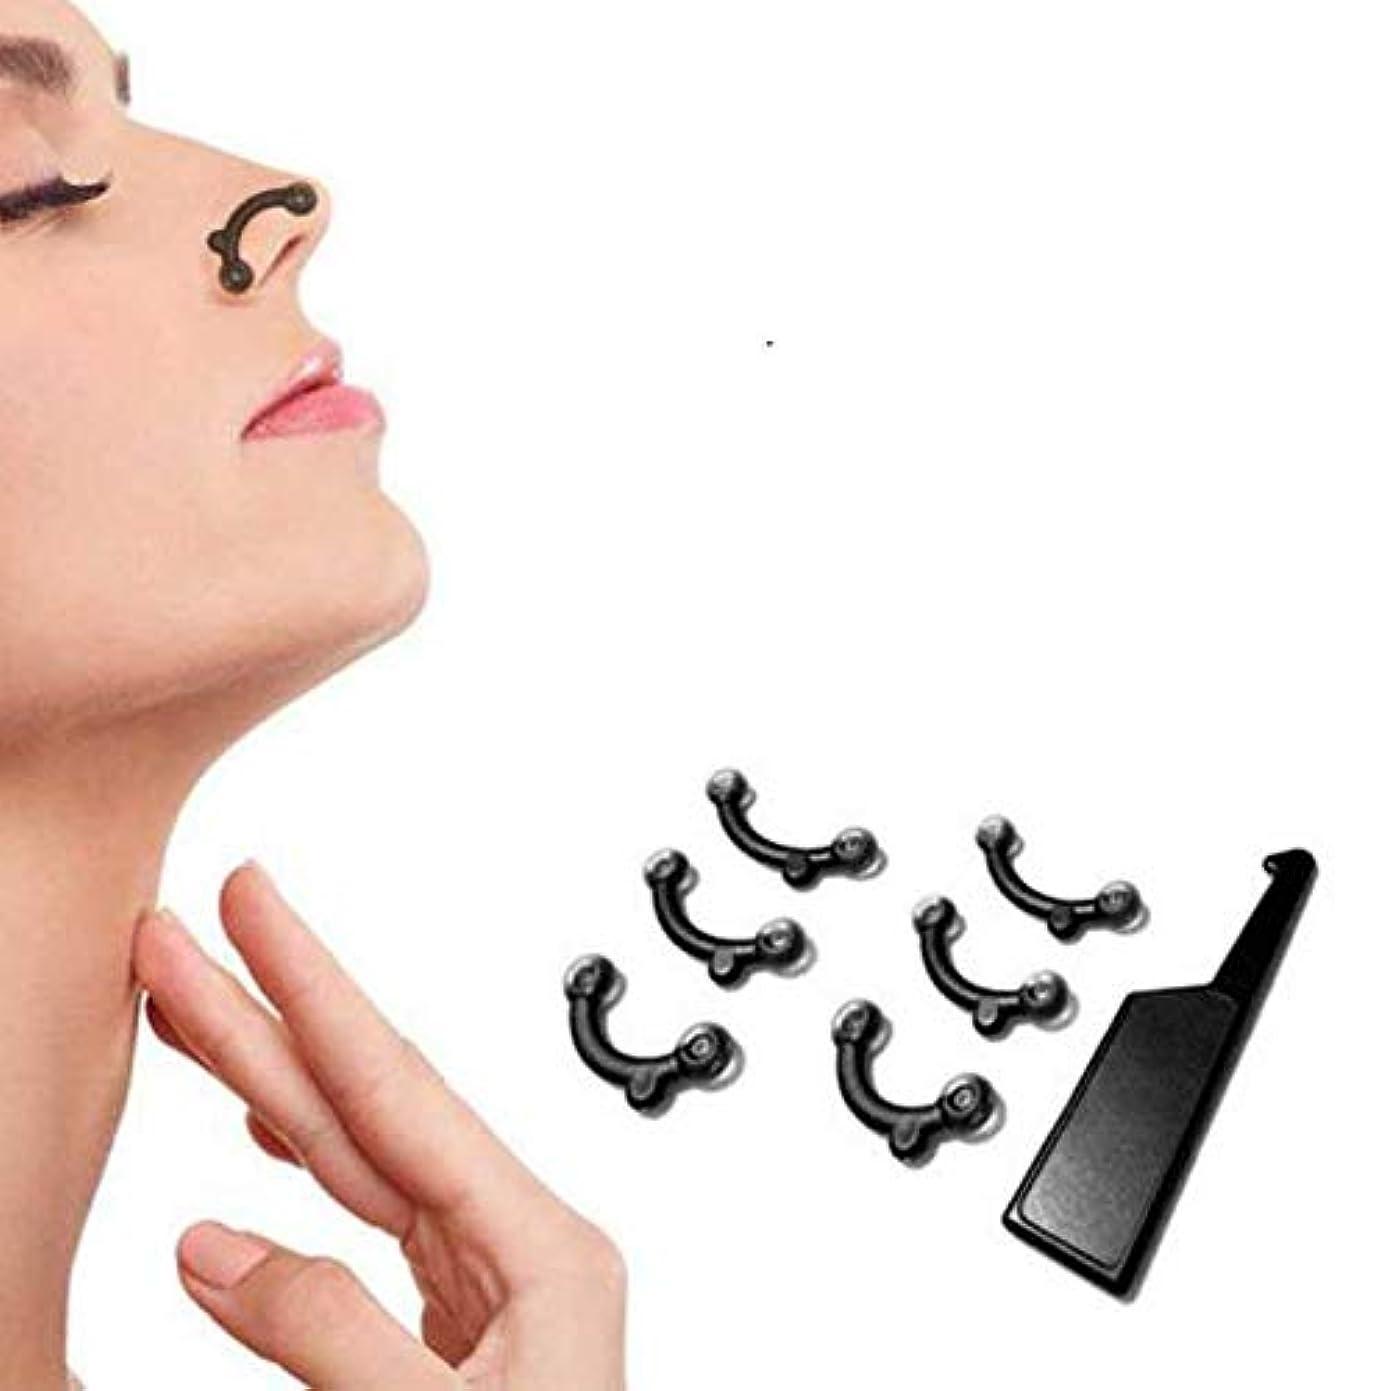 椅子パターン抑制する鼻プチ プチ ノーズアップ 美鼻 鼻クリップ ノーズクリップ 鼻筋セレブ 鼻筋矯正 抗菌シリコンで 柔らか素材で痛くない 肌にやさしい 鼻プチS.M.L三つサイズセット